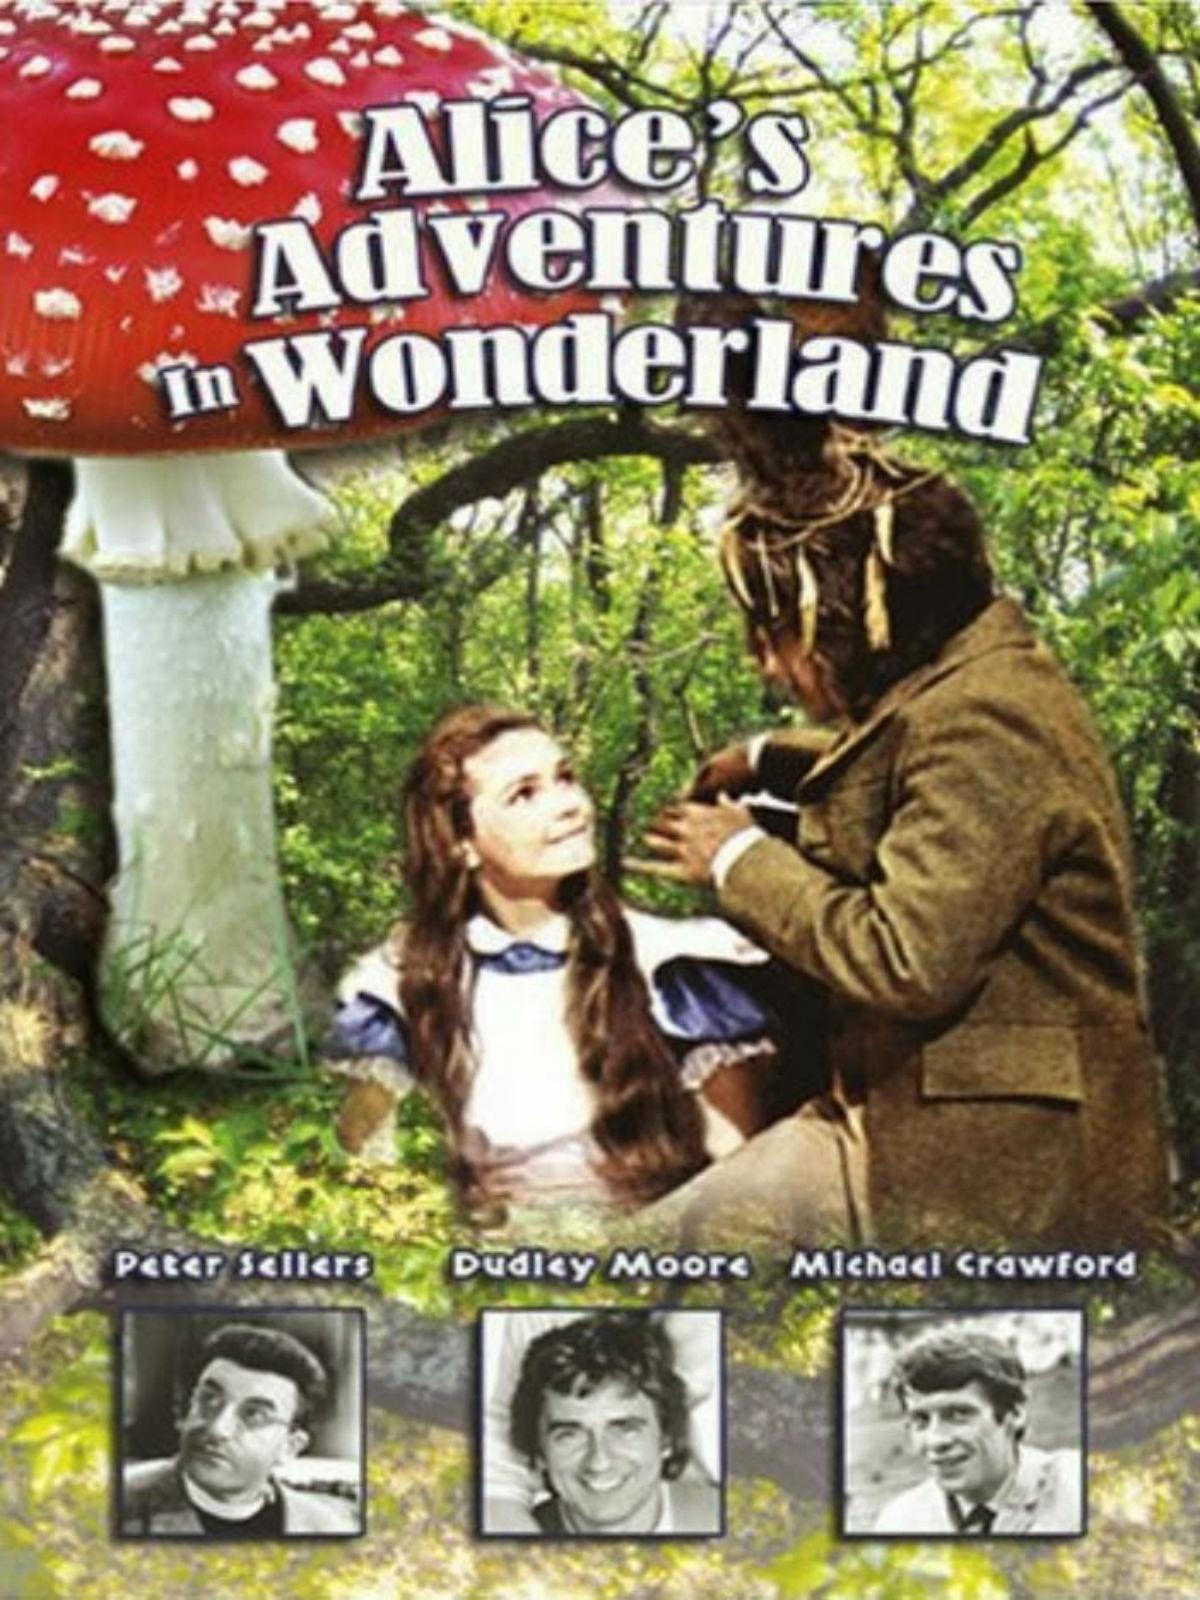 Alice Nos Pais Das Maravilhas Filme Online as aventuras de alice no país das maravilhas - filme 1972